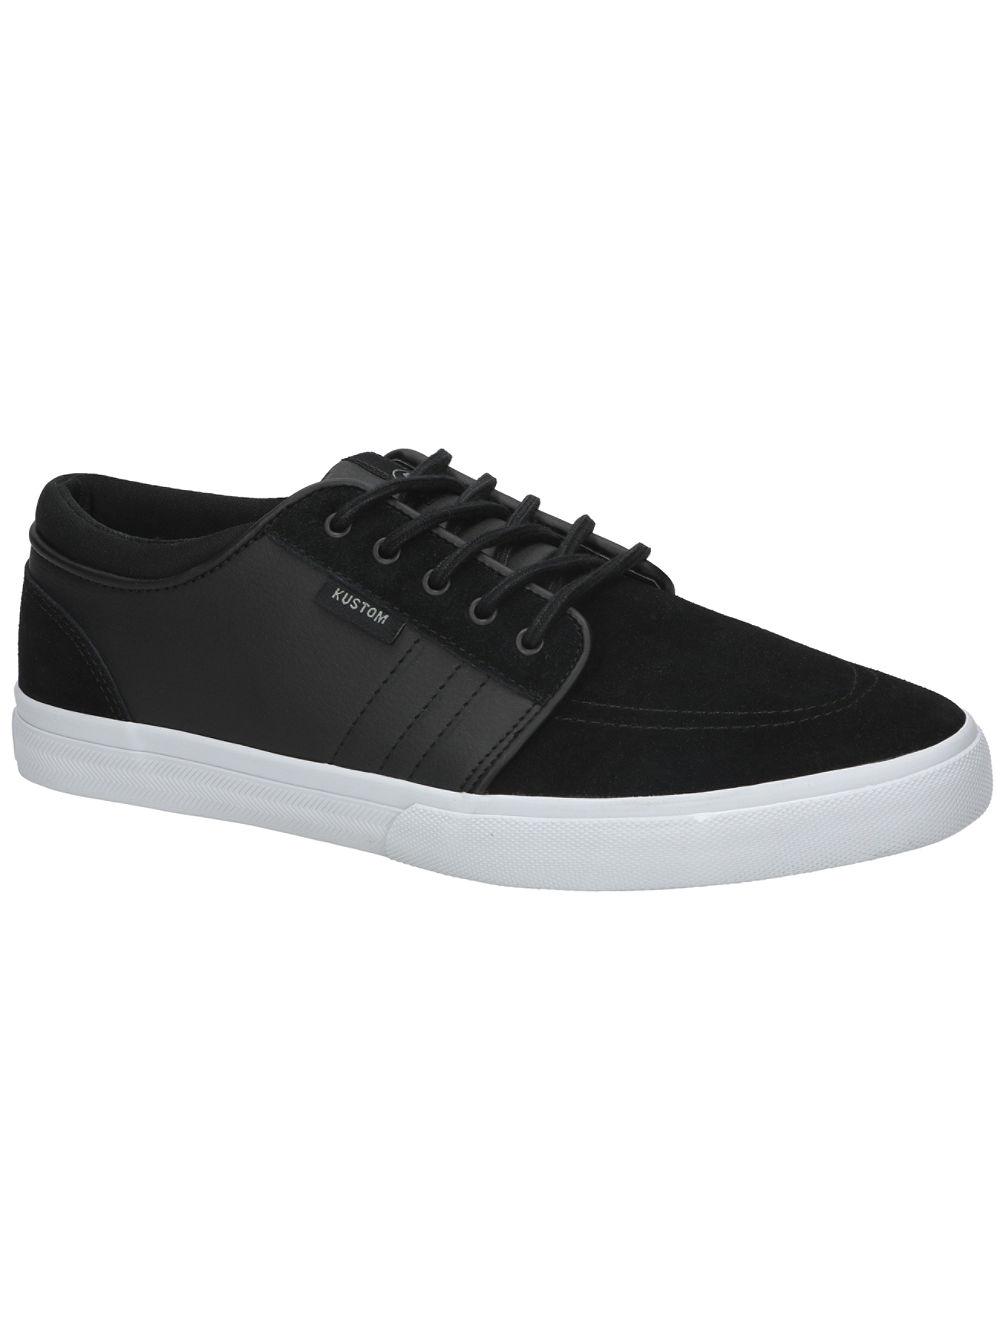 6dc0dfb28662c1 Buy Kustom Remark Sneakers online at Blue Tomato